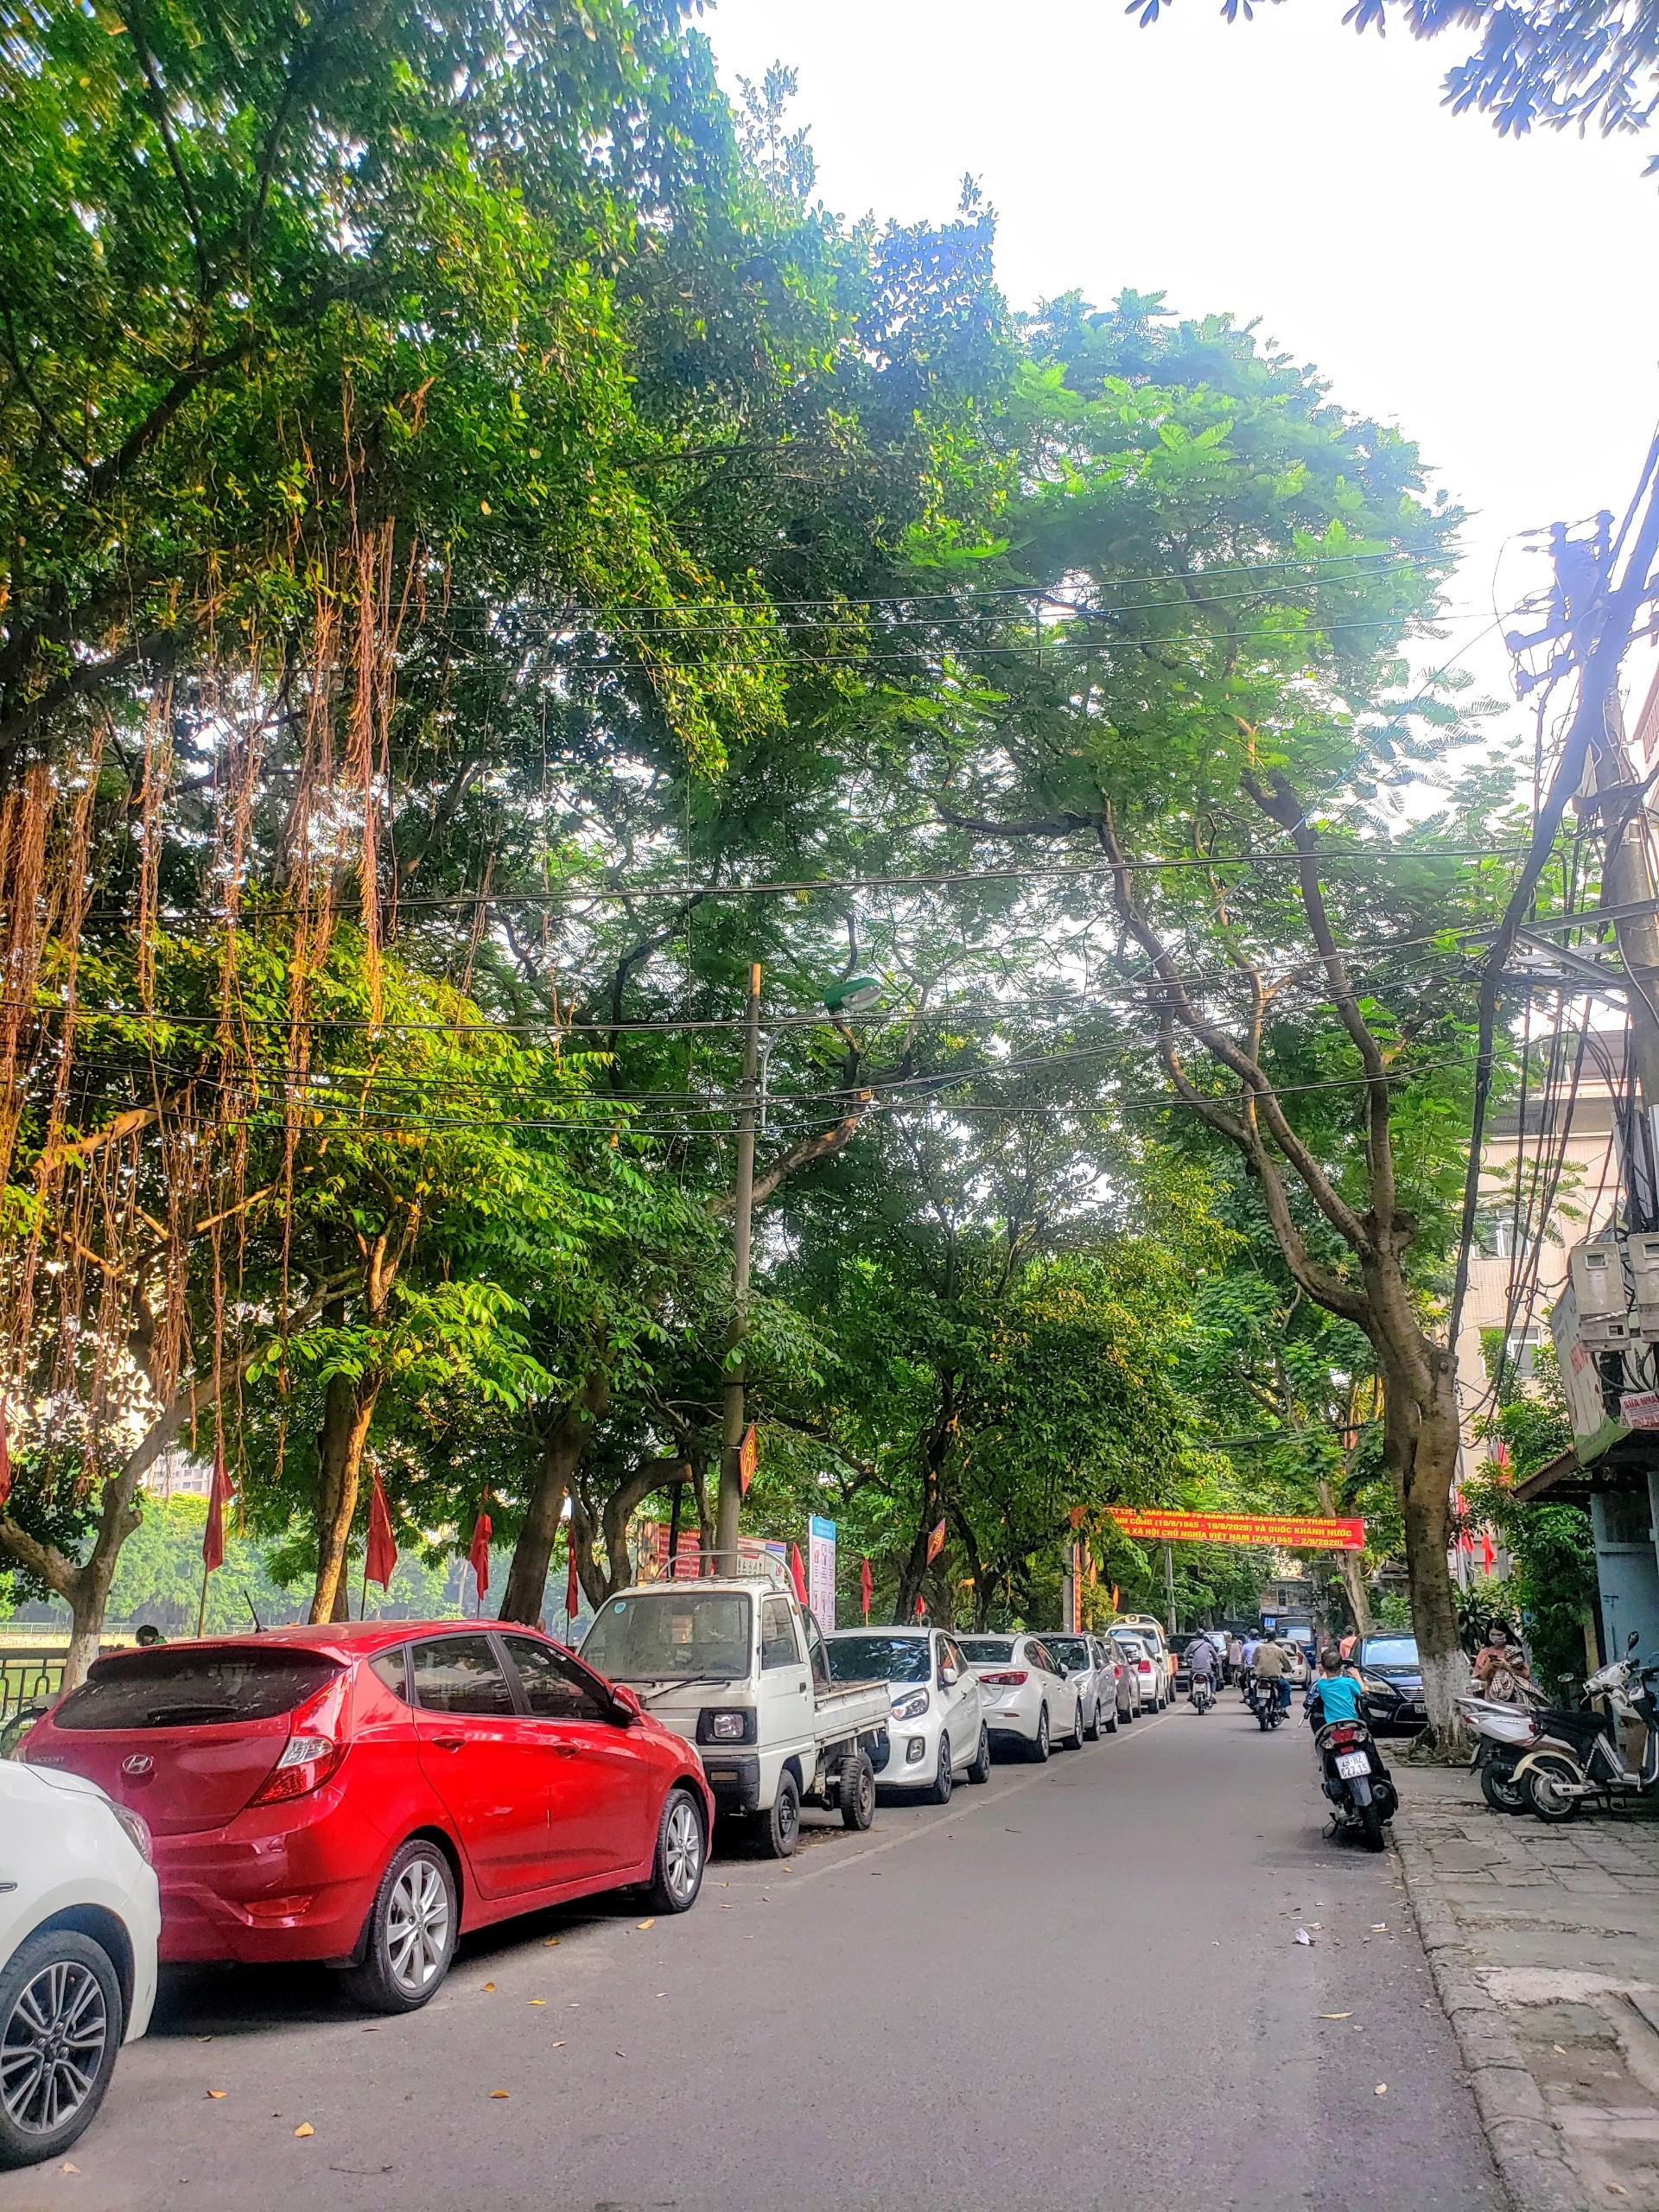 Cần bán Nhà mặt tiền đường Phan Đình Phùng, Phường Quán Thánh, Diện tích 52m², Giá 54.5 Tỷ - LH: 0984142941